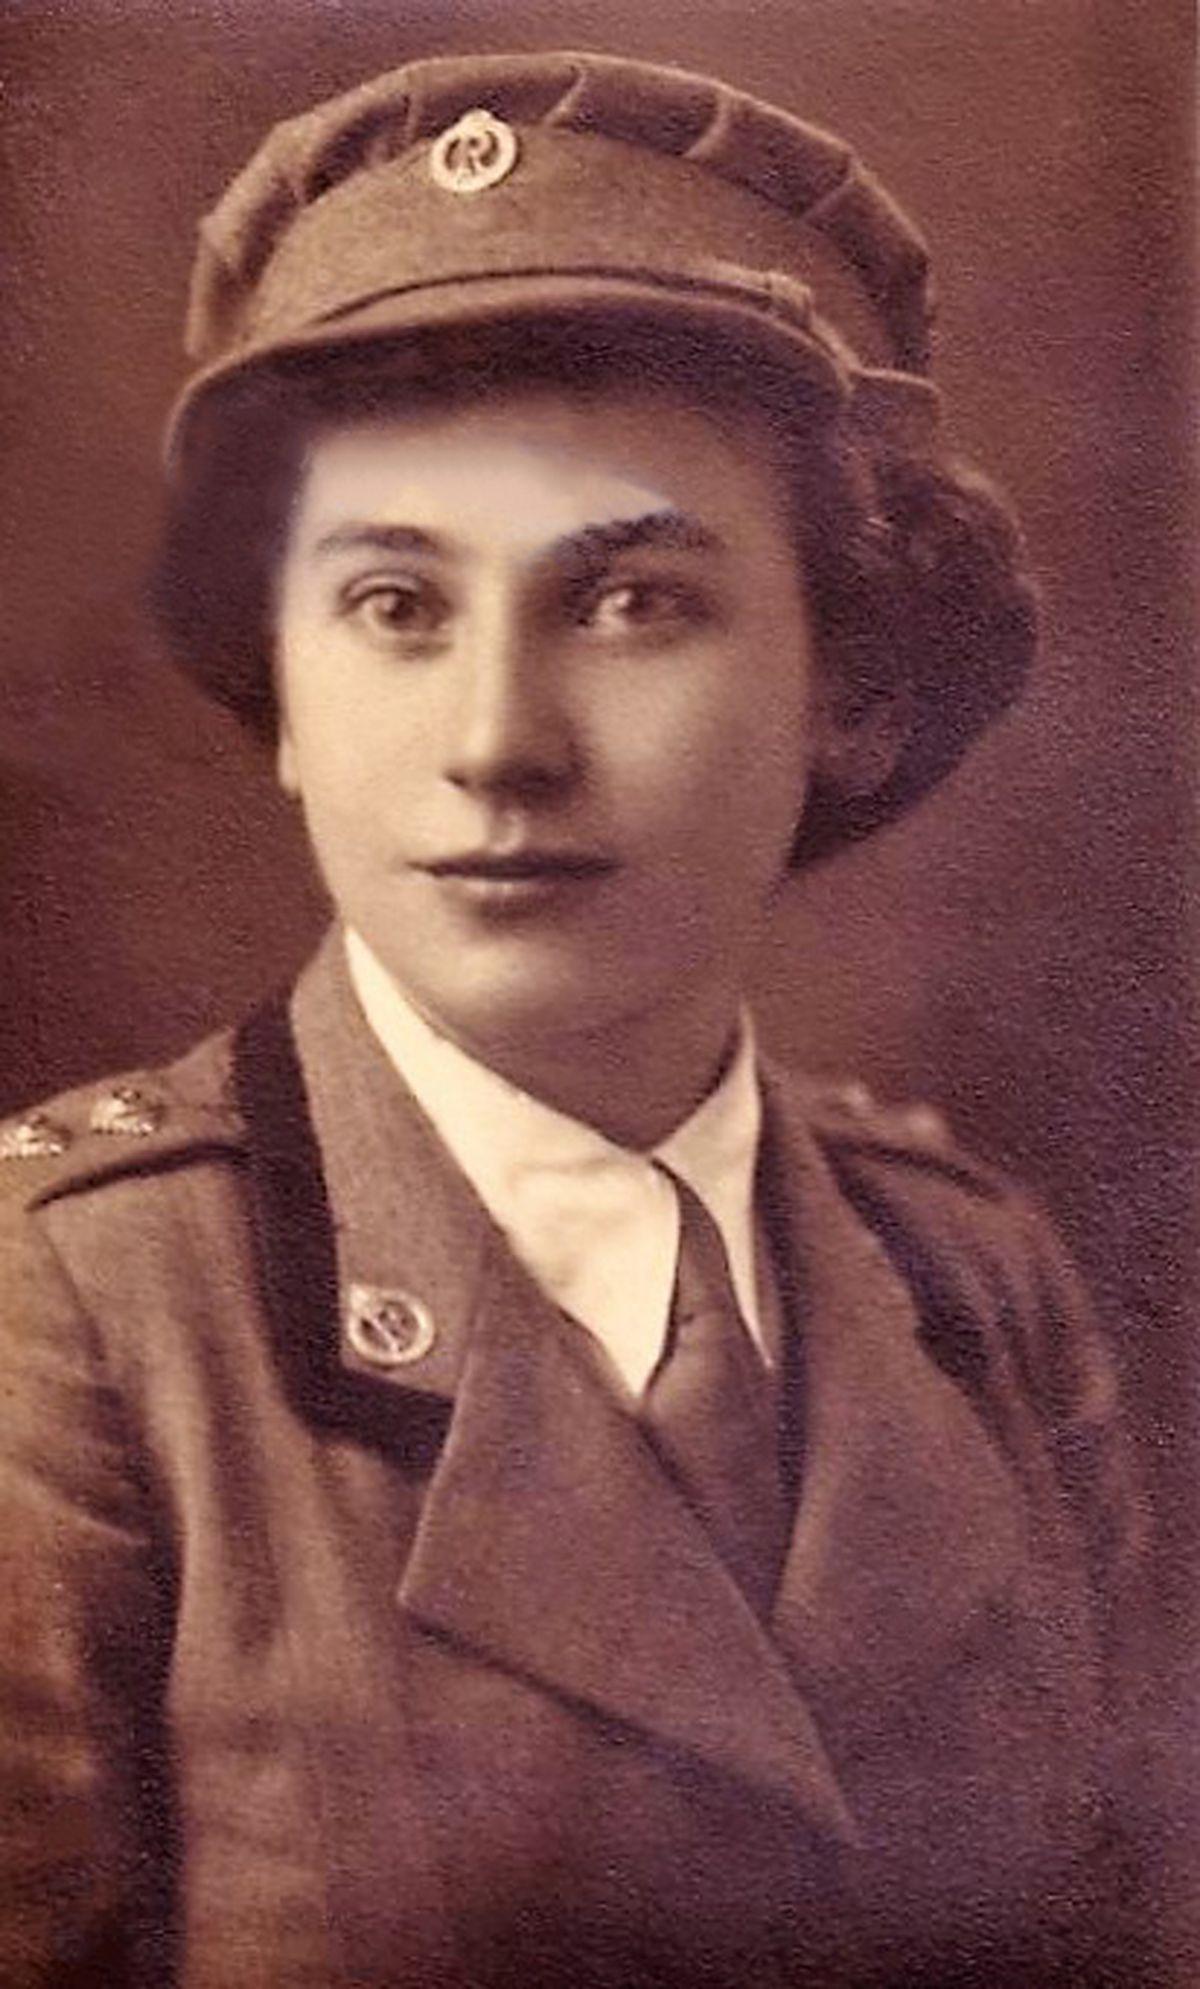 Marjorie Allen in the early 1940s